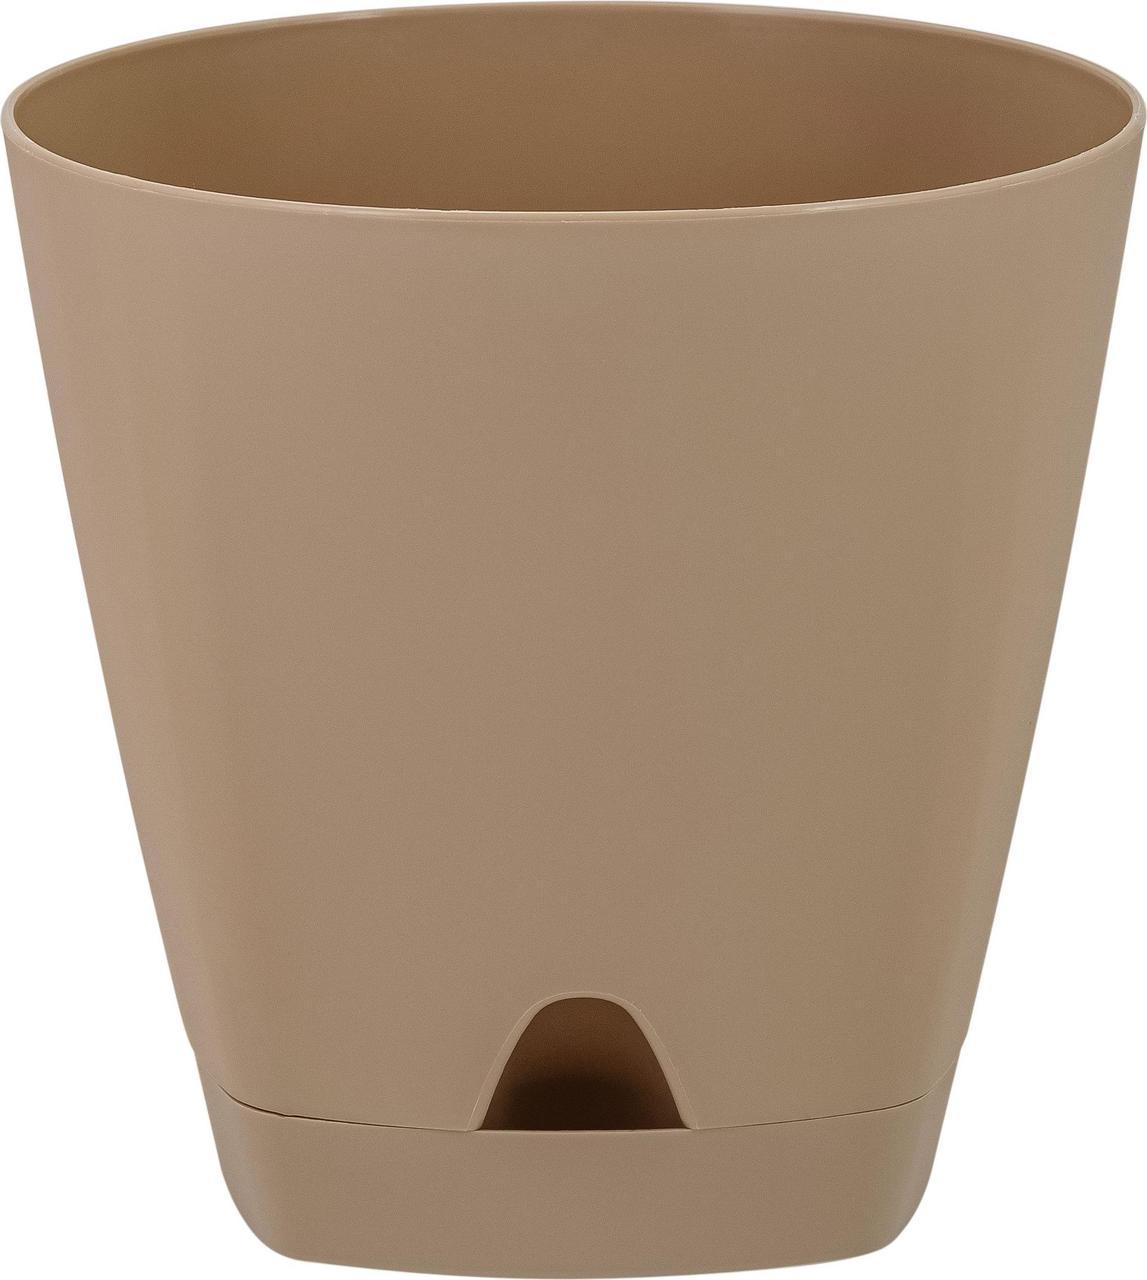 Горшок для цветов AMSTERDAM D 110 с прикорневым поливом 0,65 л Молочный Шоколад